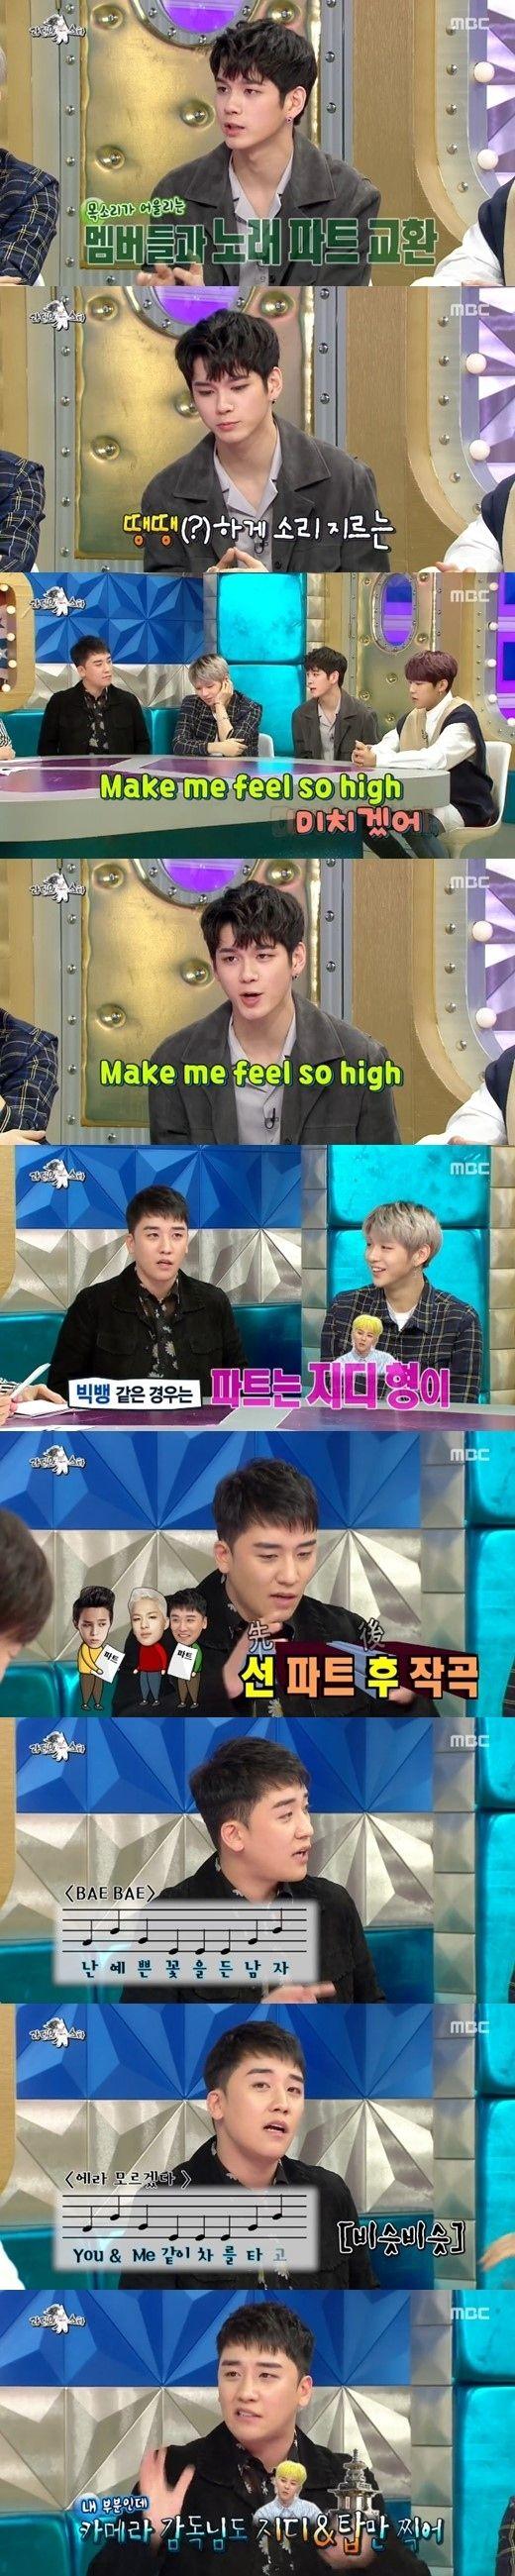 【BIGBANG NEWS】BIGBANGのV.I、G-DRAGONへ不満?番組で暴露「僕のパートは全部…」